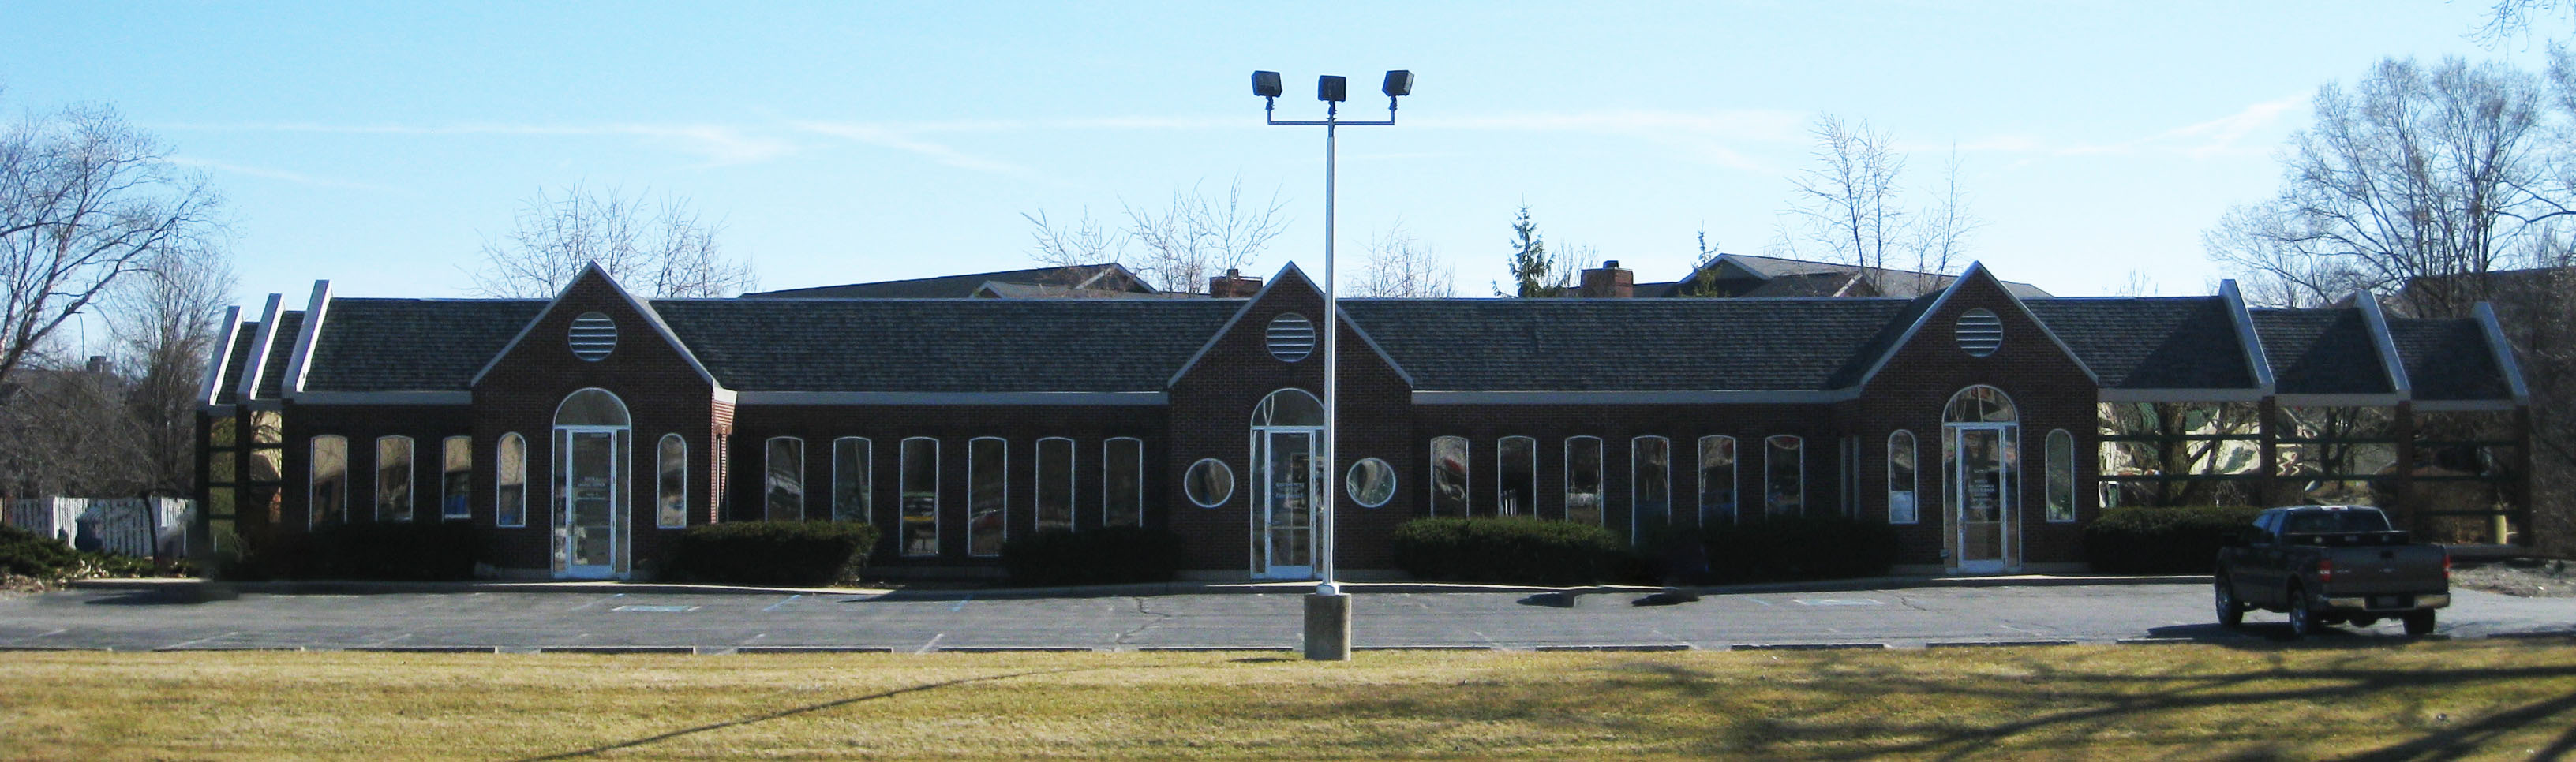 Zionsville Dentist Office 46077